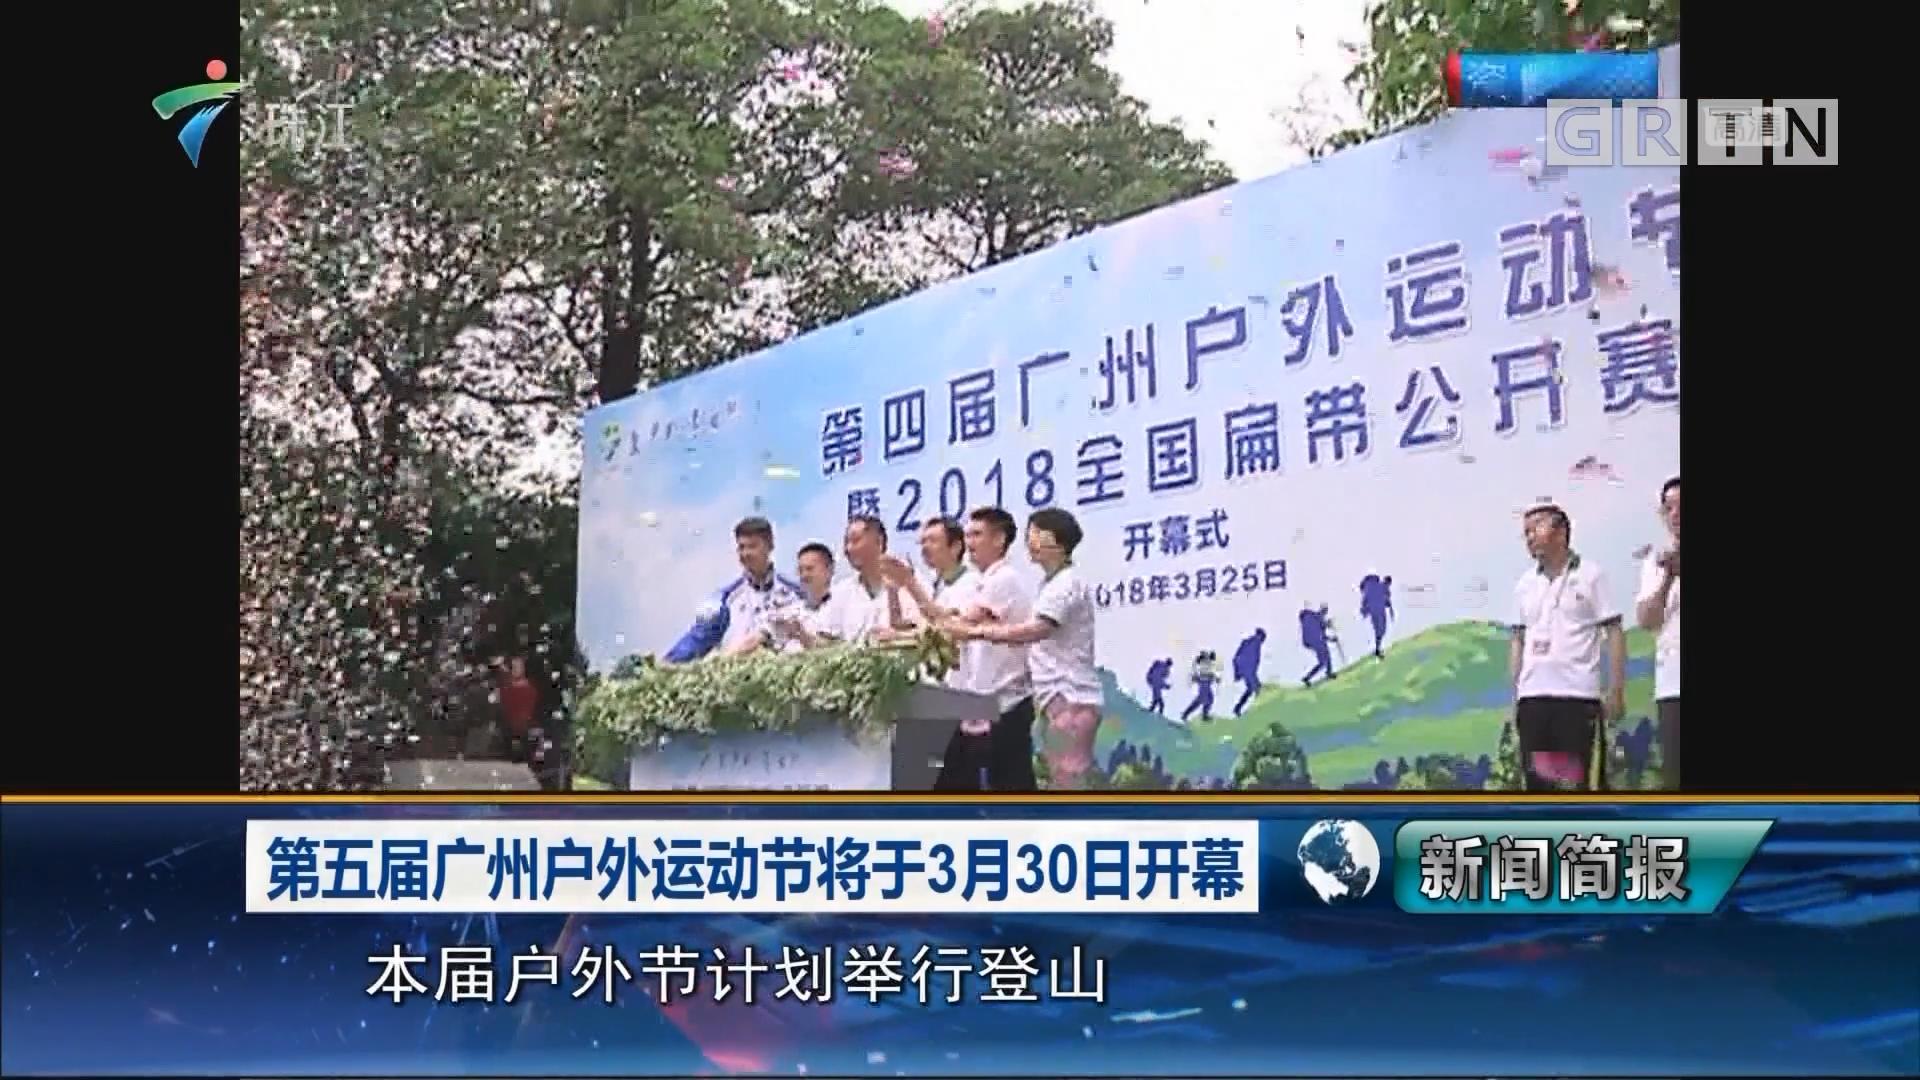 第五届广州户外运动节将于3月30开幕